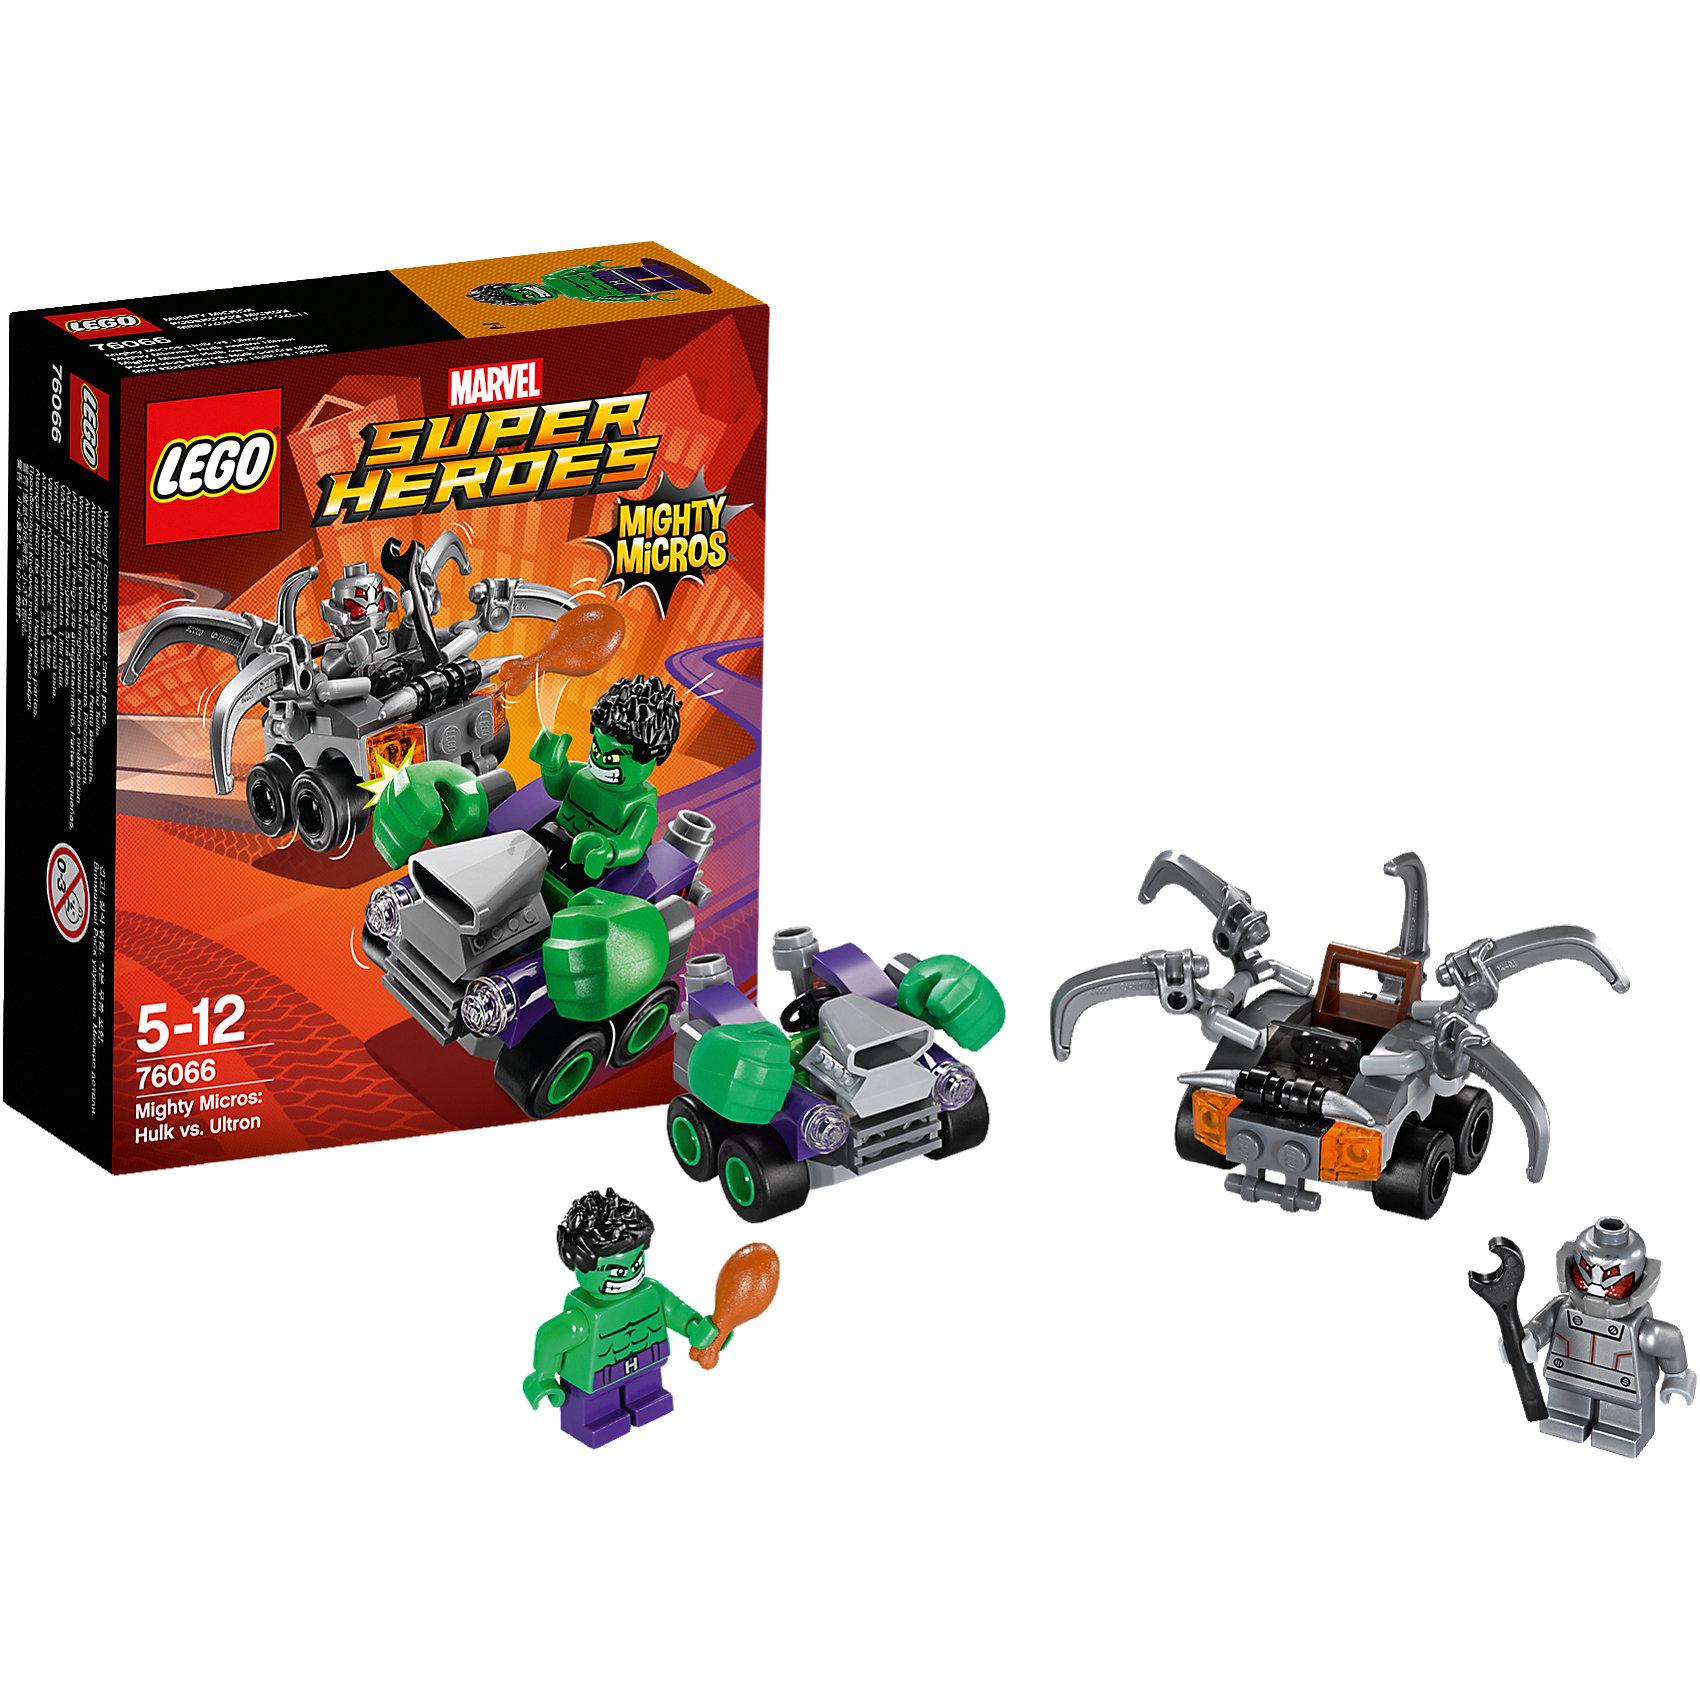 LEGO Super Heroes 76066: Халк против АльтронаУстремись на схватку с Альтроном в крутой зелёной машине Халка с огромными кулаками. Отремонтируй автомобиль Альтрона с помощью гаечного ключа— пусть щупальца движутся вверх и вниз. А потом передохни вместе с Халком и пообедай куриными ножками. Кто победит? Всё зависит от тебя!<br><br>LEGO Super Heroes (ЛЕГО Супер Герои) - серия конструкторов созданная специально по мотивам всеми известных комиксов. Спасай мир и борись со злом вместе с любимыми супергероями! Наборы серии можно комбинировать между собой, давая безграничные просторы для фантазии и придумывая свои новые истории. <br><br>Дополнительная информация:<br><br>- Конструкторы ЛЕГО развивают усидчивость, внимание, фантазию и мелкую моторику. <br>- 2 минифигурки в комплекте: Халк, Альтрон.<br>- В комплекте 2 минифигурки, машина Халка, машина Альтрона.<br>- Колеса машин вращаются.<br>- Количество деталей: 80.<br>- Серия ЛЕГО Супер Герои (LEGO Super Heroes).<br>- Материал: пластик.<br>- Размер упаковки: 14х4,6х12 см.<br>- Вес: 0.09  кг.<br><br>Конструктор LEGO Super Heroes 76066: Халк против Альтрона можно купить в нашем магазине.<br><br>Ширина мм: 144<br>Глубина мм: 121<br>Высота мм: 48<br>Вес г: 85<br>Возраст от месяцев: 60<br>Возраст до месяцев: 144<br>Пол: Мужской<br>Возраст: Детский<br>SKU: 4259168